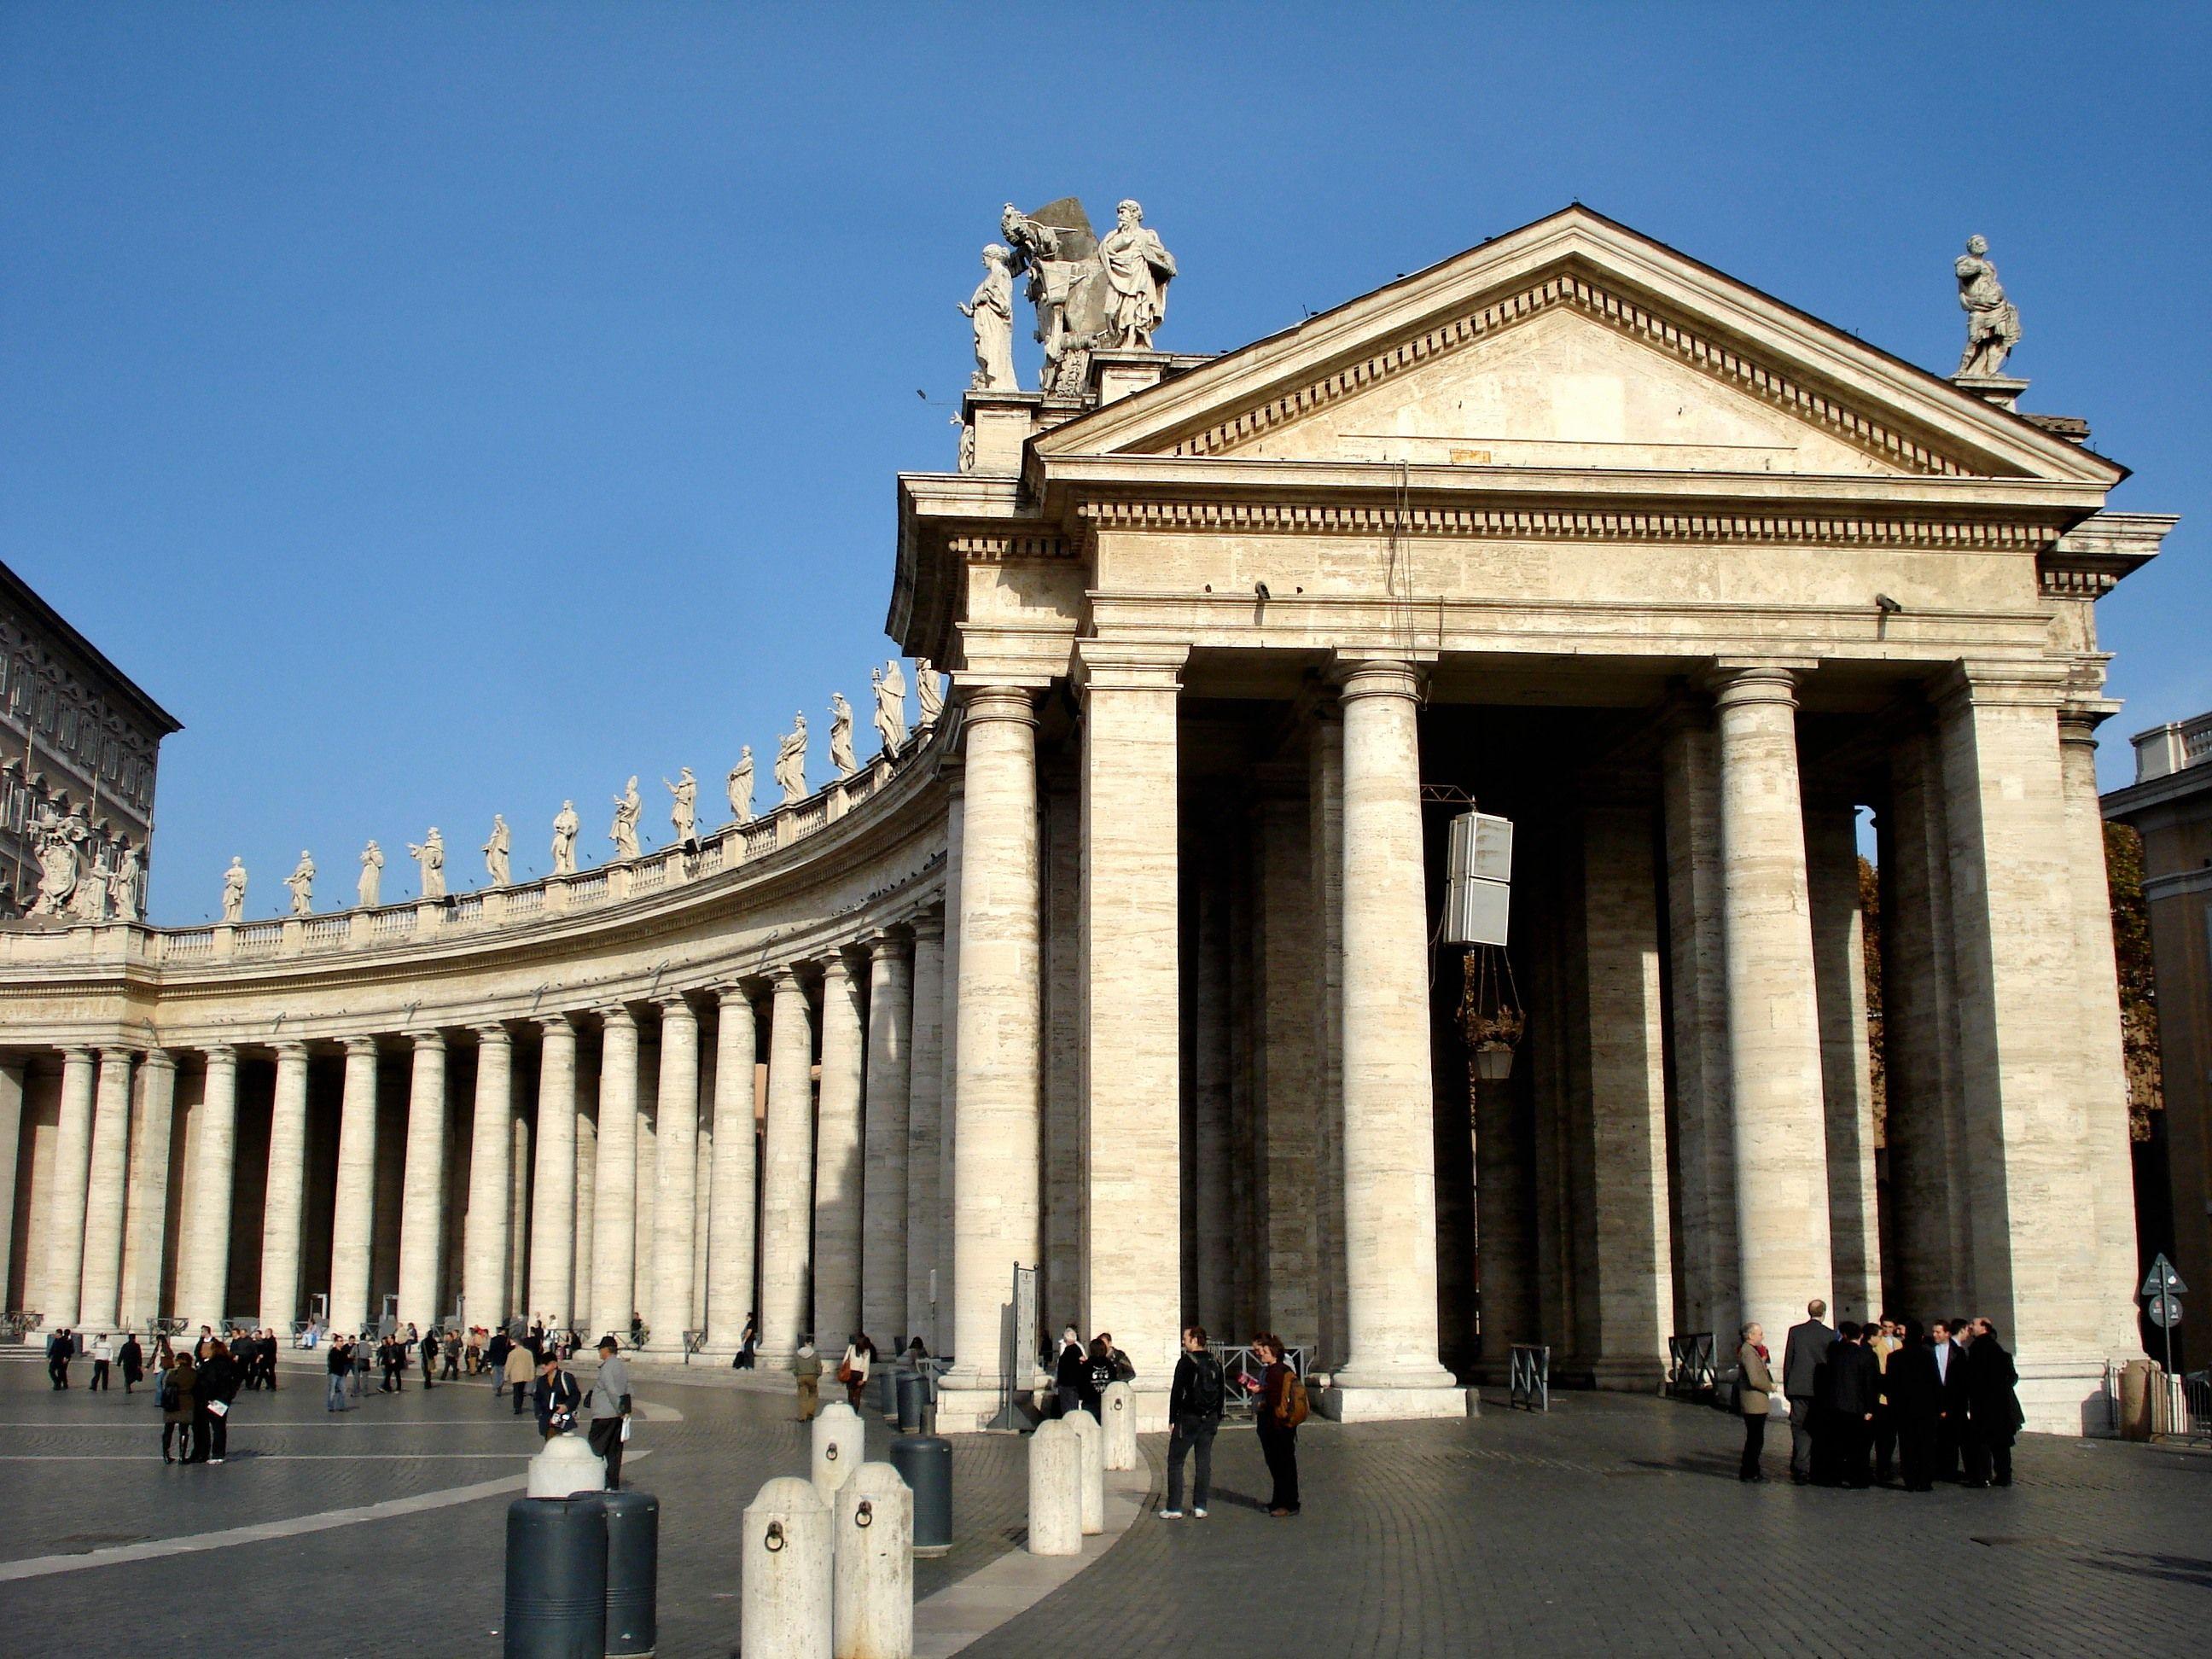 italian baroque architecture, bernini; the colonnade in the piazza